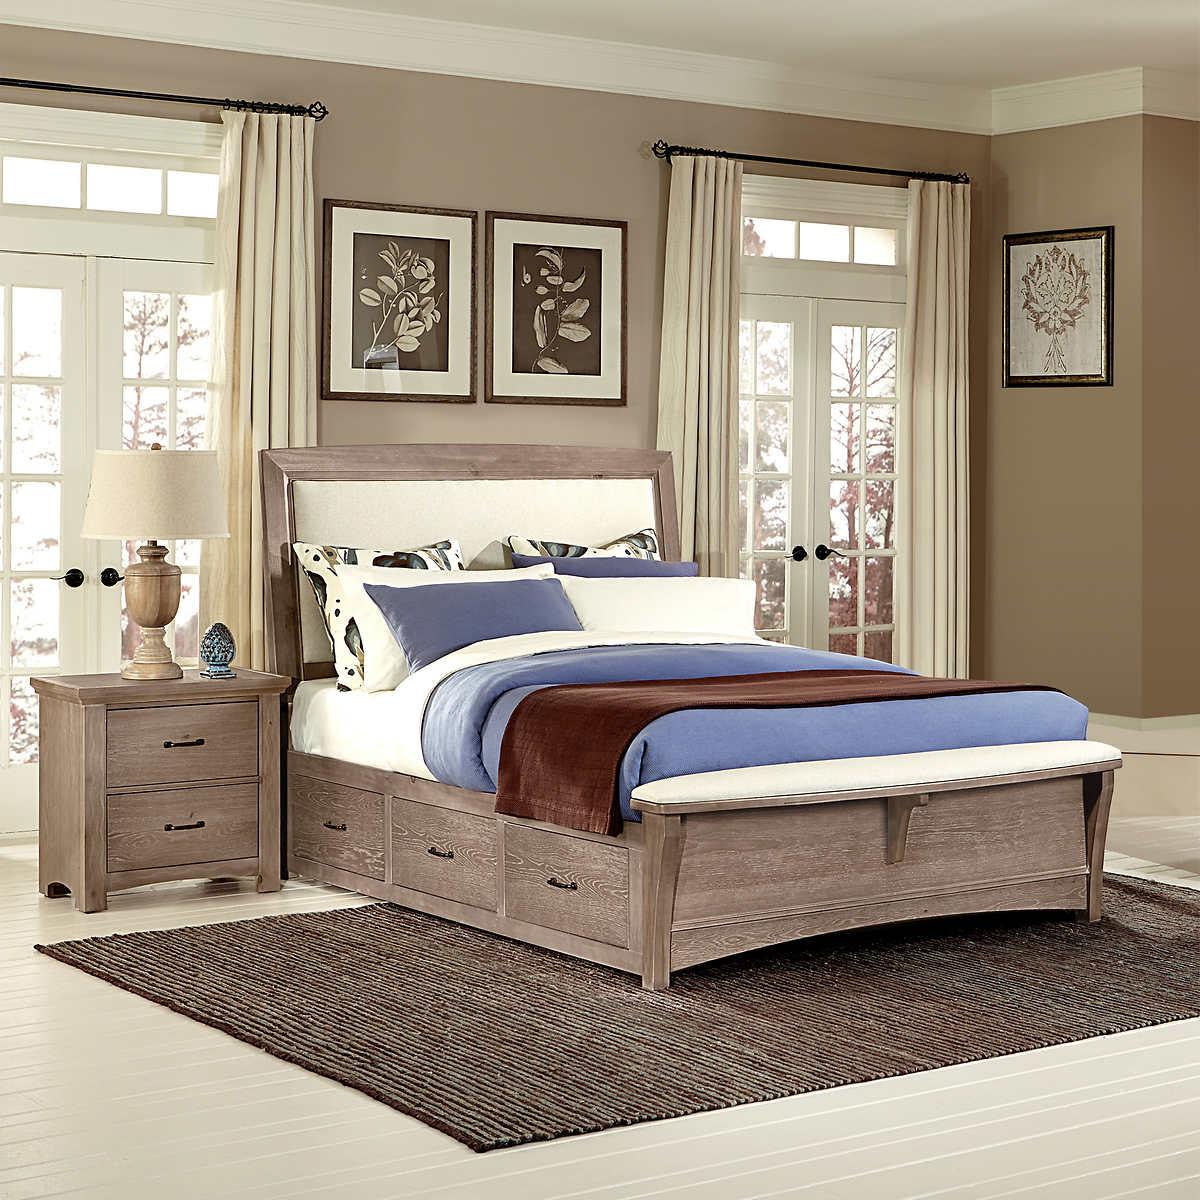 Lyndhurst Bedroom Furniture Beds